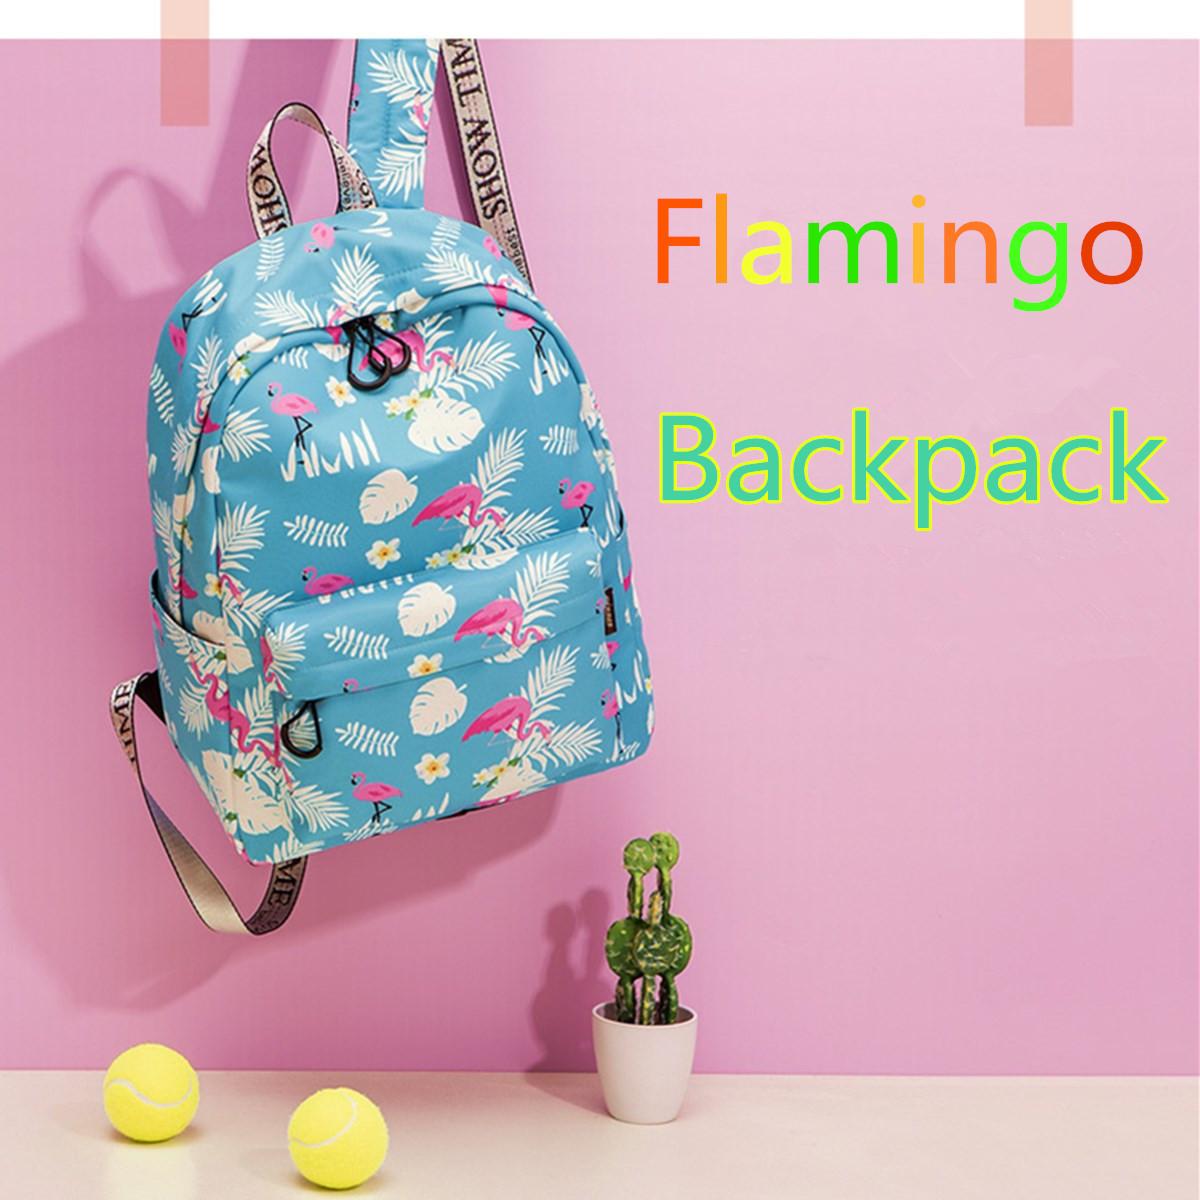 14inch 15.6inch Women Girl Flamingo School Bag Backpack Outdoor Travel Laptop Rucksack Handbag